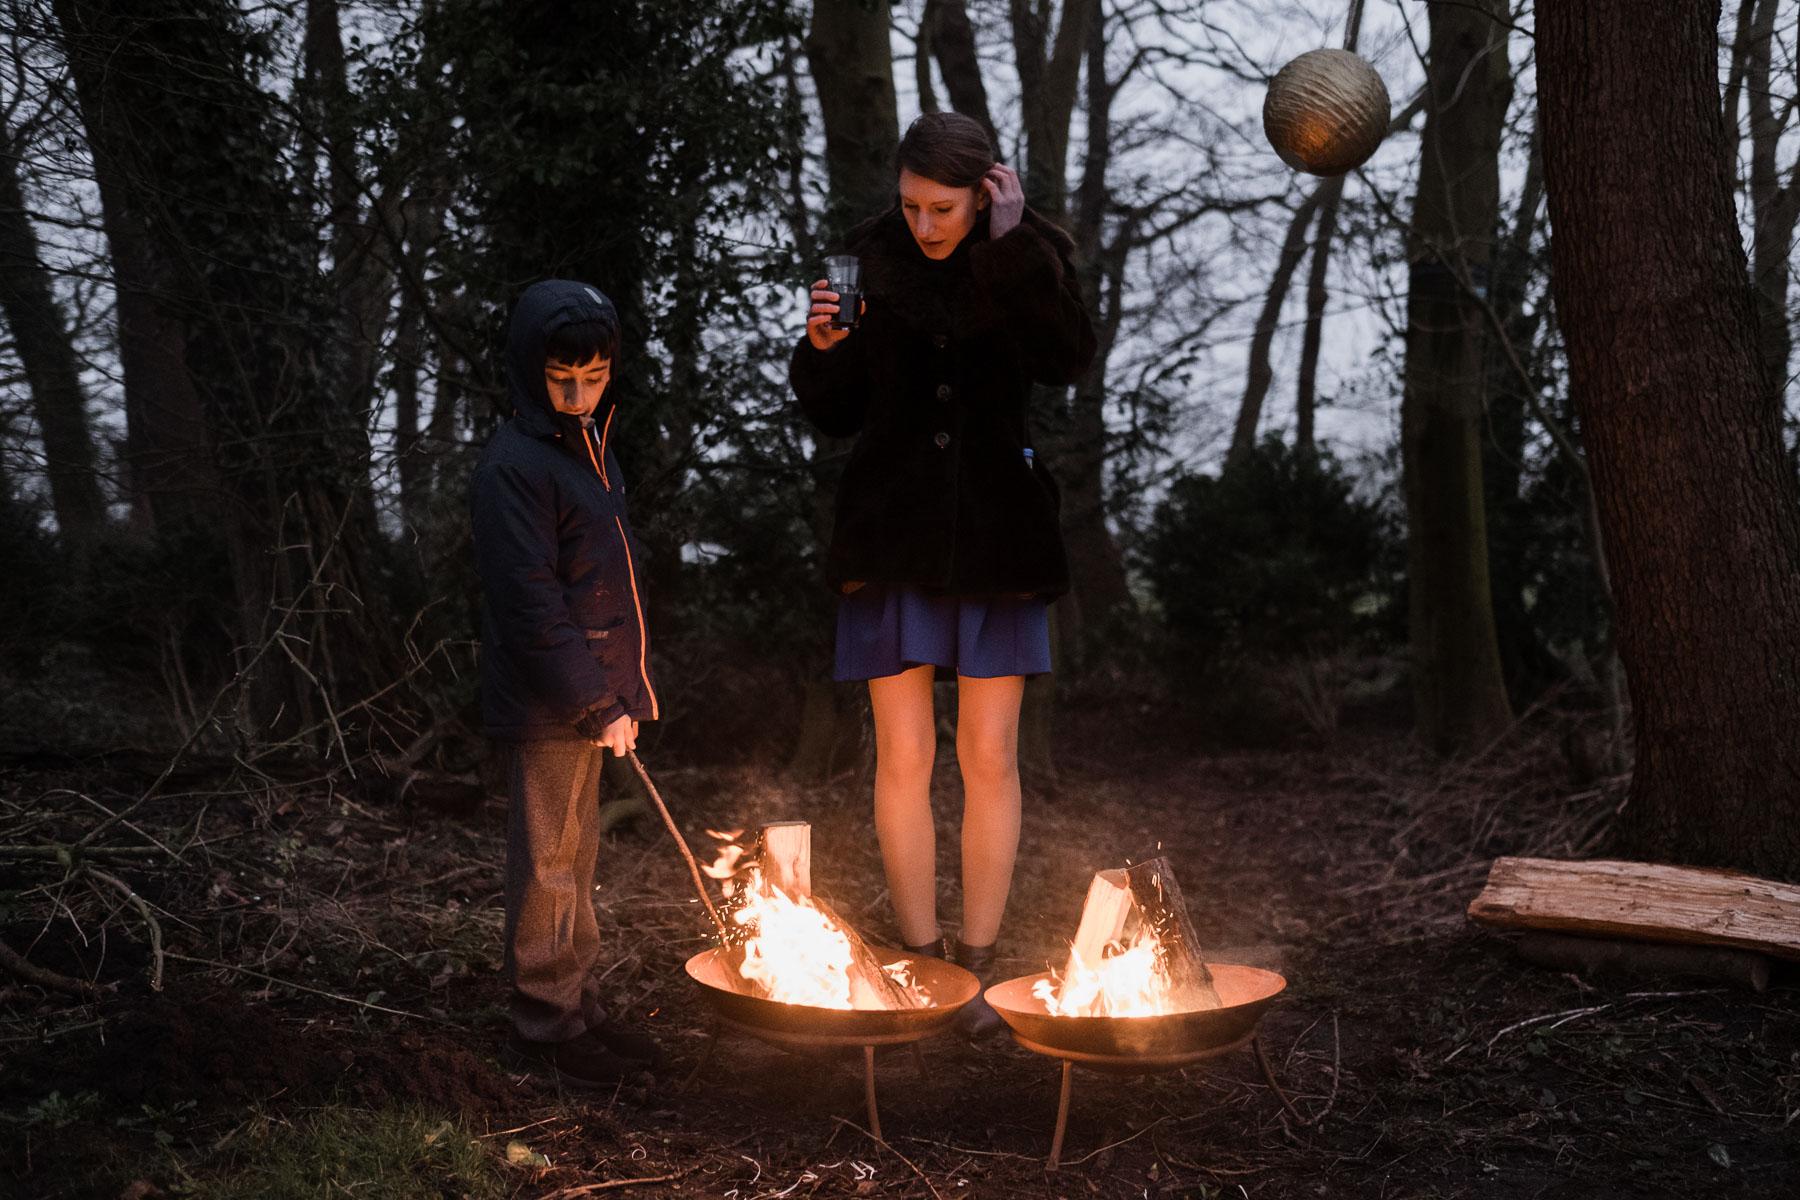 vo einer kahlen Baumkulisse stehen 2 runde Feuerschalen, hinter den Feuerschalen steht ein Junge und eine Frau, der Junge hält einen Stock in die Feuerschale